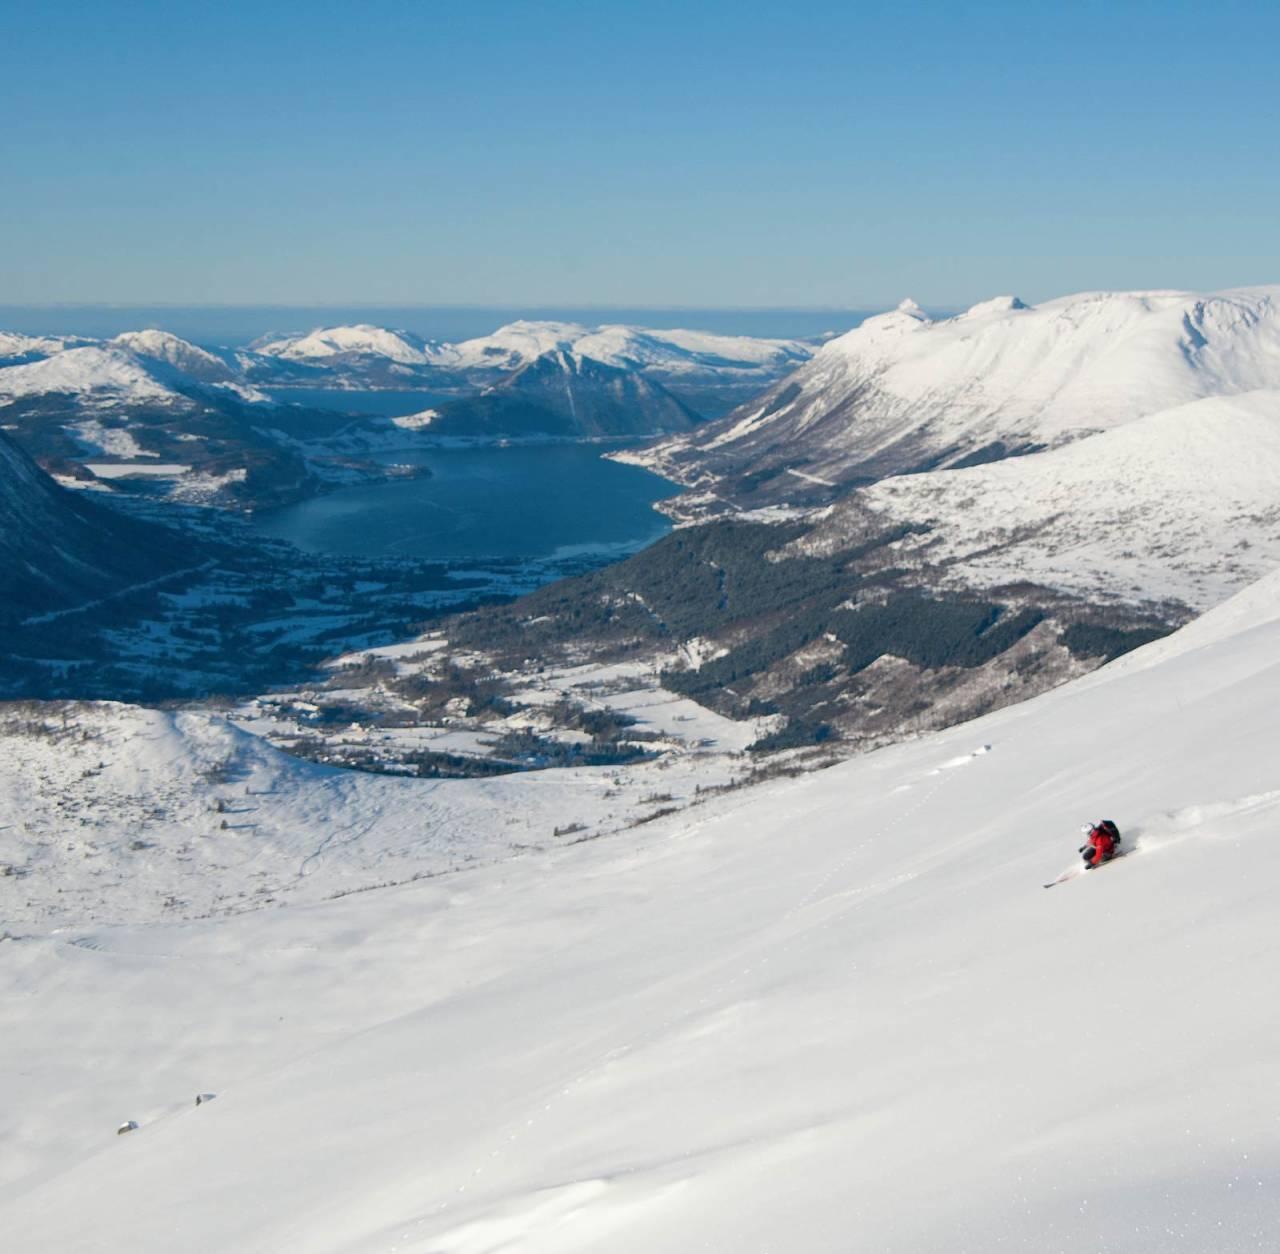 Stor og flott side ned mot turløypa. Ørsta bak. Foto: Håvard Myklebust.